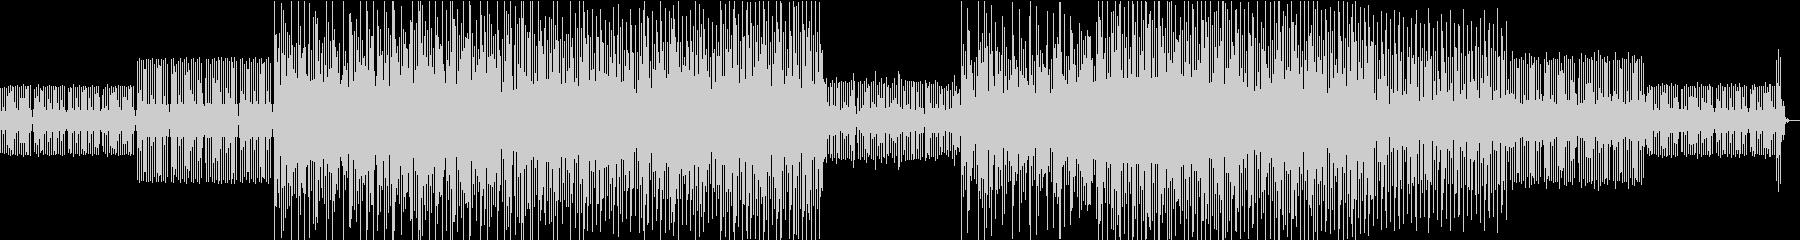 エレクトロBGM1の未再生の波形